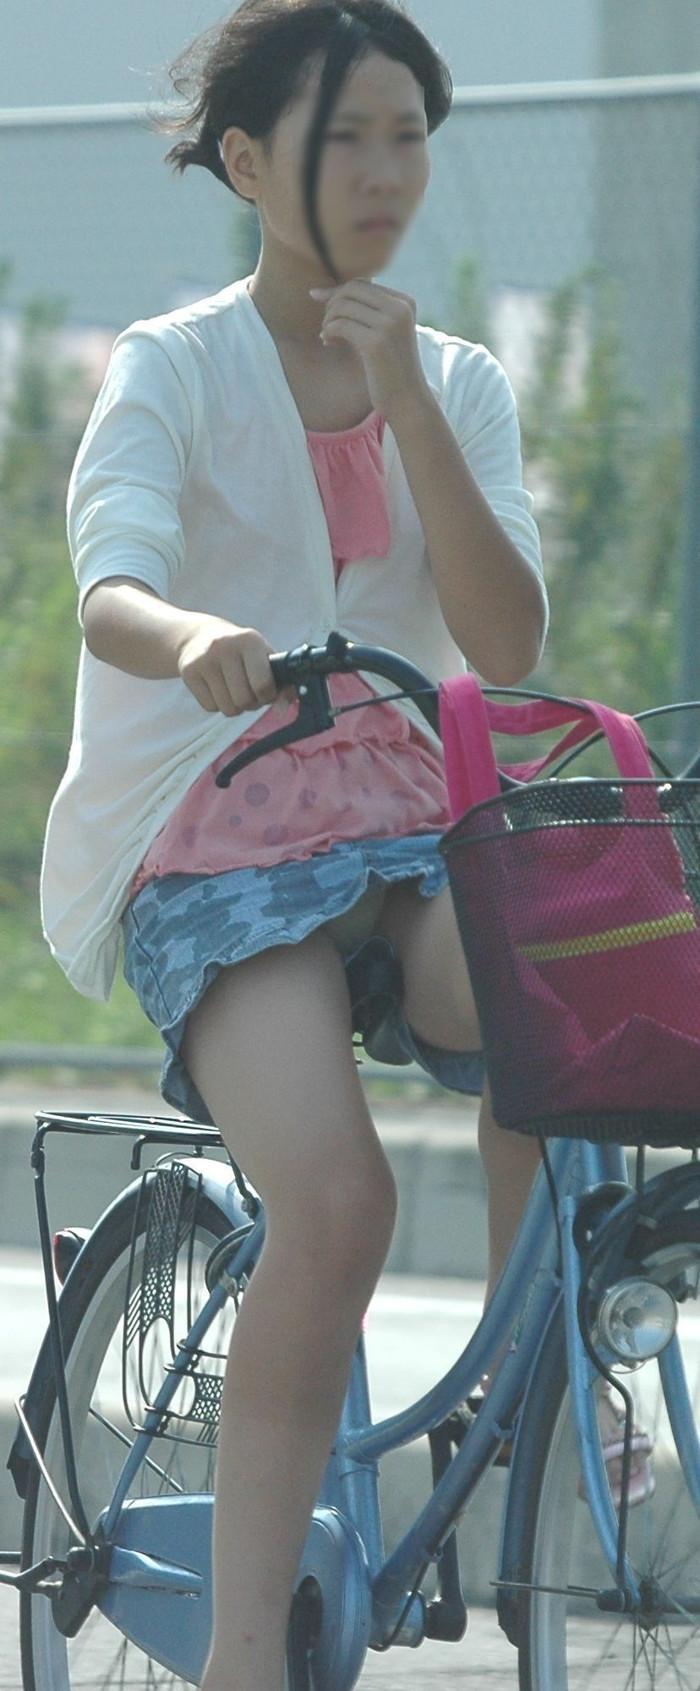 【パンチラエロ画像】自転車に乗っている女の子たちの股間が気にならないか!?w 14